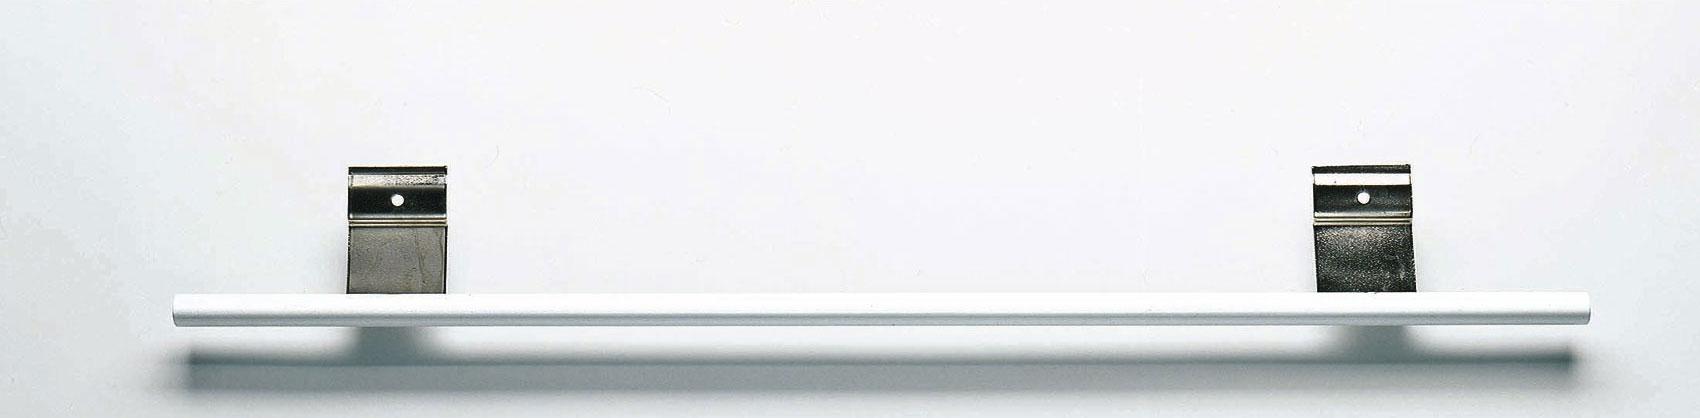 Herdstange für Wamsler Küchenherd K136/138/148  weiß 900mm Bild 1